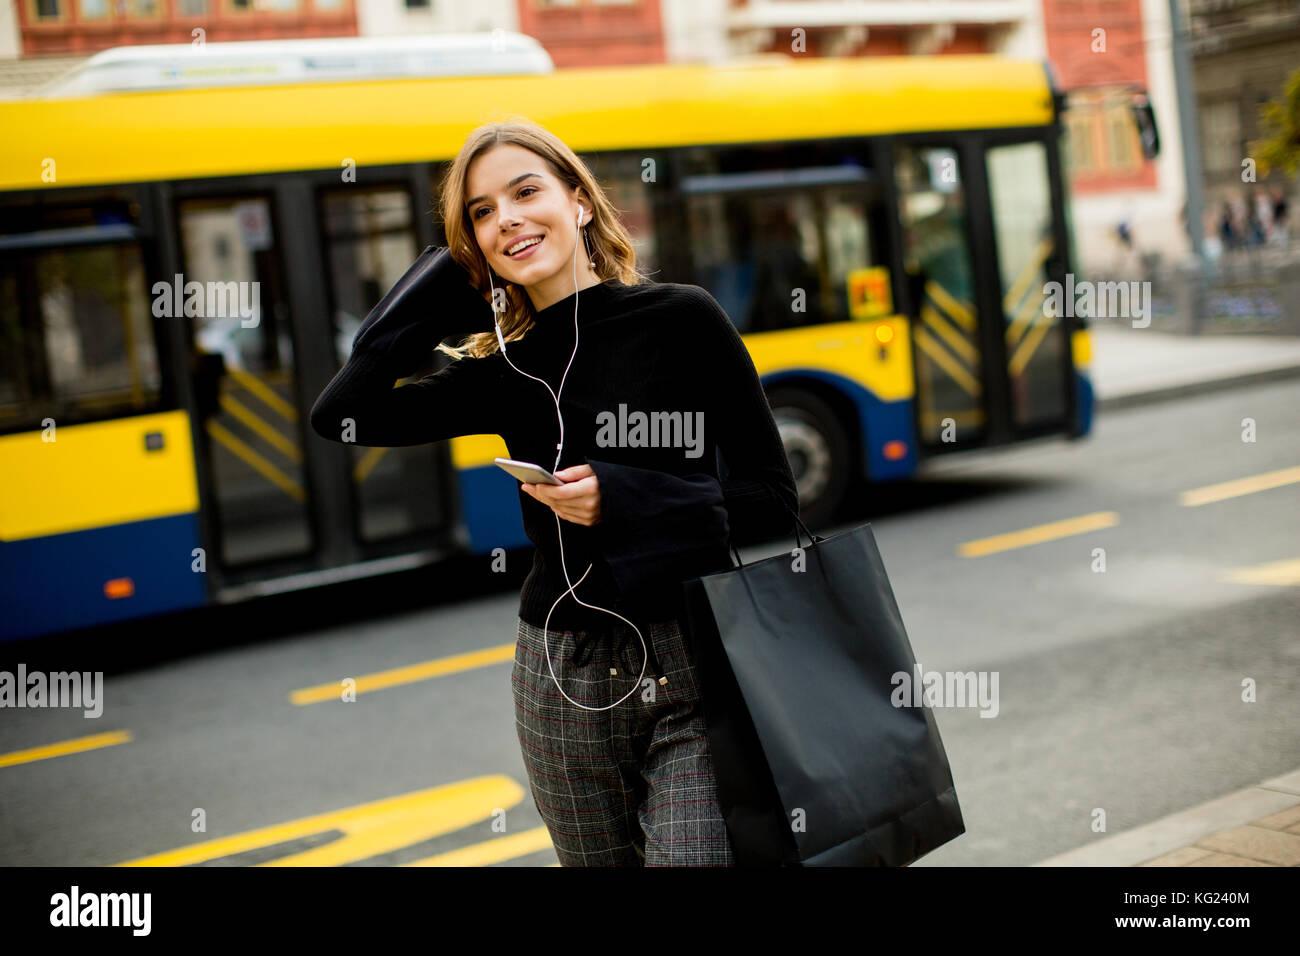 Junge Frau Warten auf dem Bus oder Taxi auf der Straße in der Stadt Stockfoto